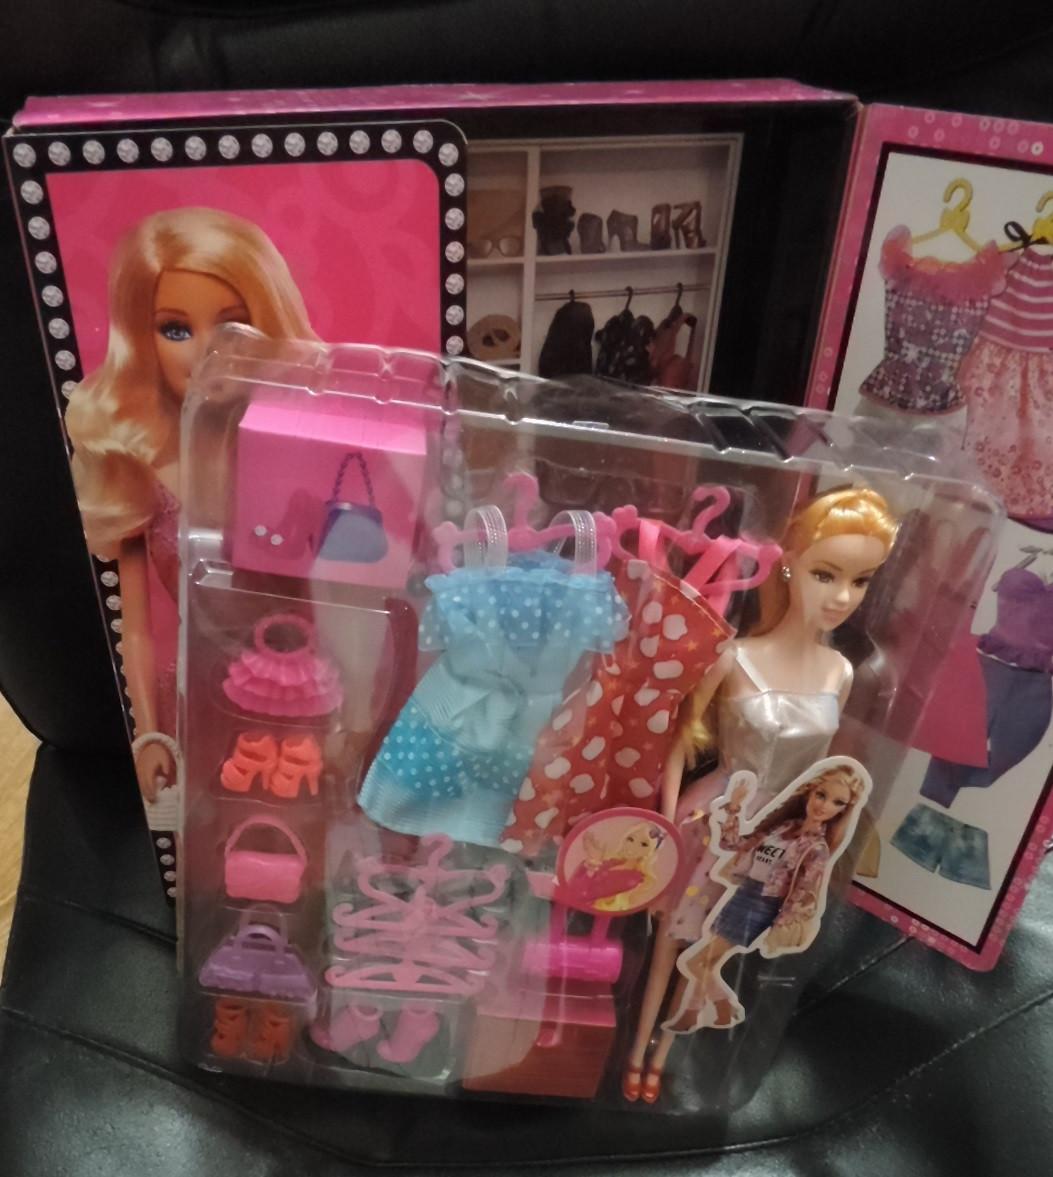 a3a0b2ea7 Кукла Barbie с аксессуарами: продажа, цена в Харькове. реборны ...